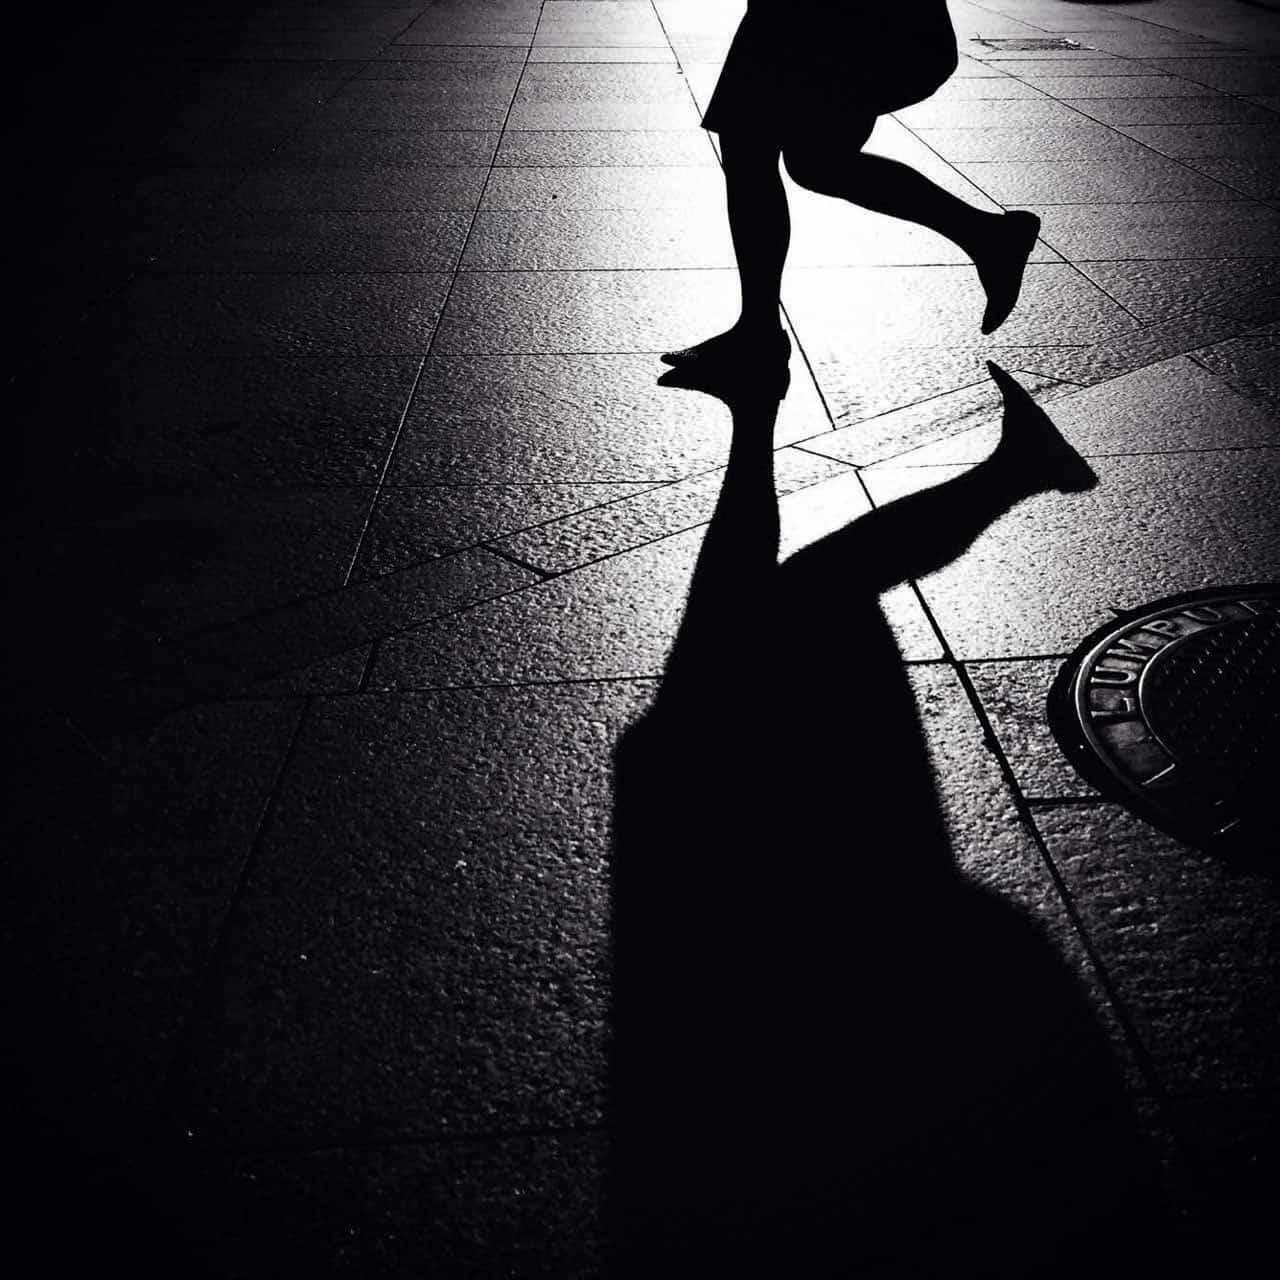 Starke Kontraste sind gut für ein starkes S/W-Bild, hier hervorgerufen durch die Lichtspiegelung und verstärkt durch den harten Schatten. (Foto: nasruleffendy - fotolia.com)